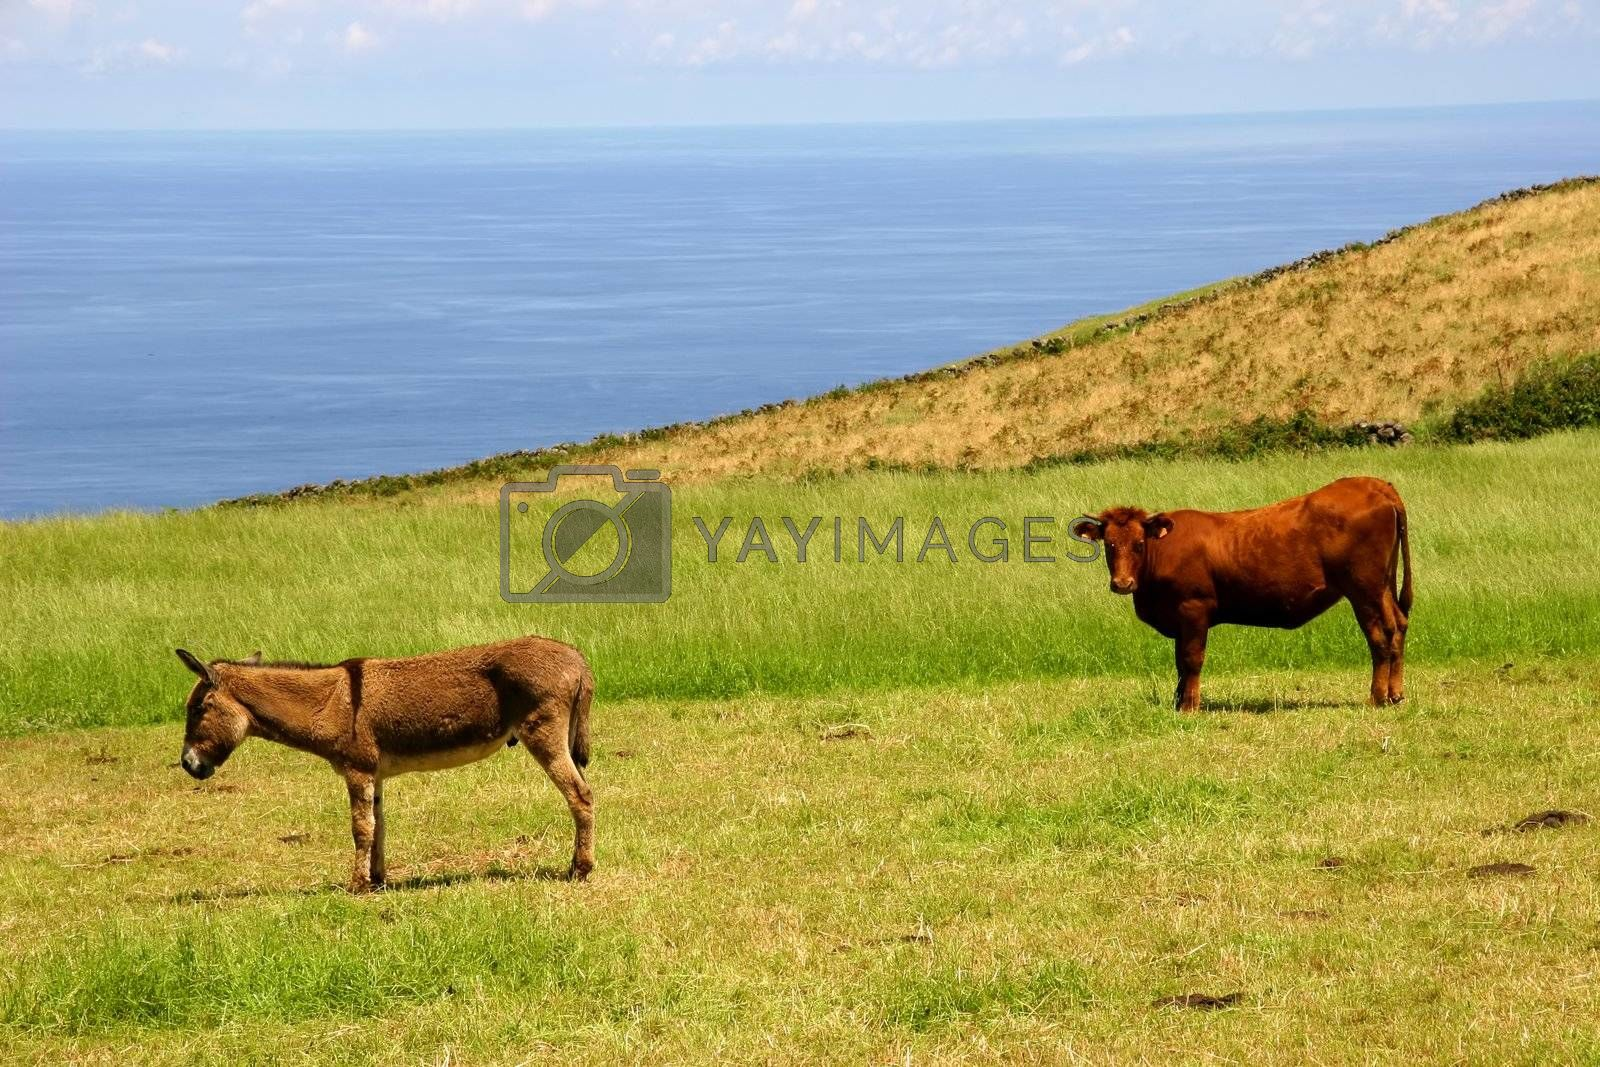 farm animals at the coast